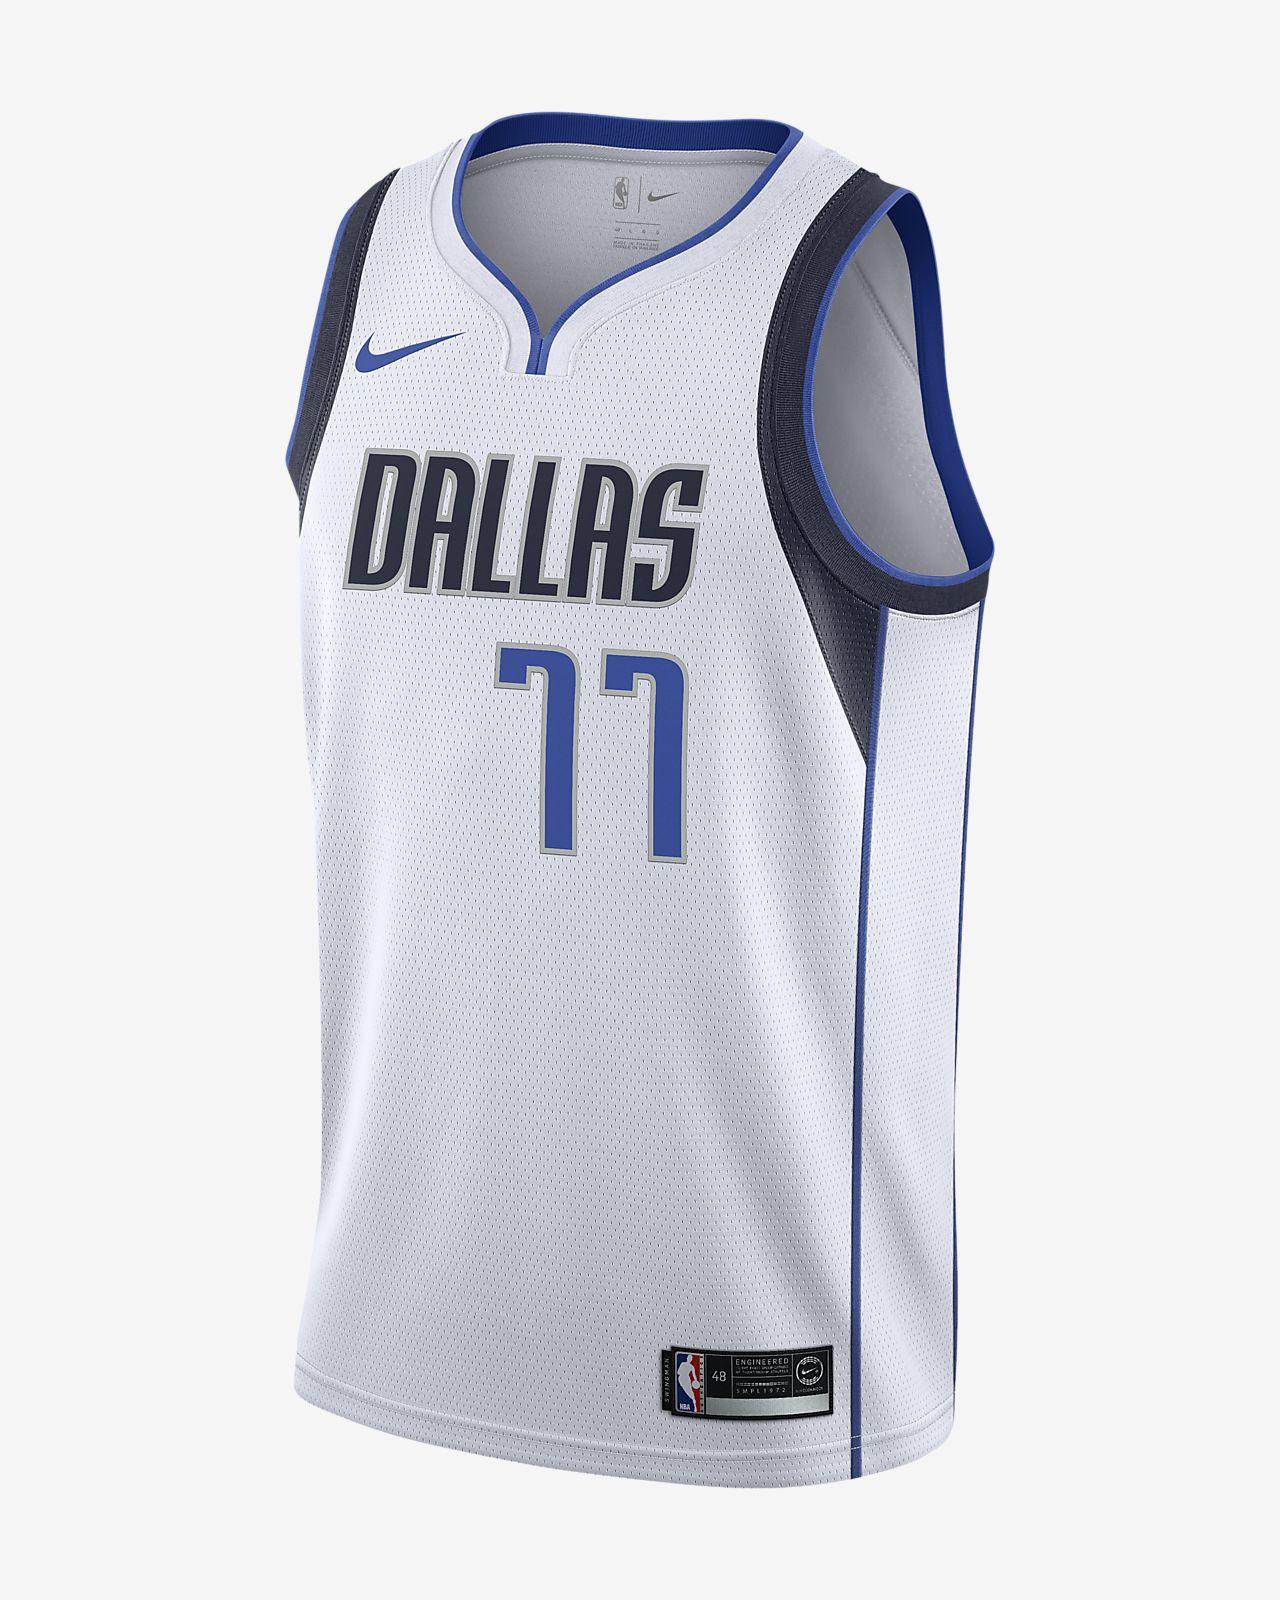 Camiseta conectada Nike NBA para hombre Luka Doncic Association Edition Swingman (Dallas Mavericks)